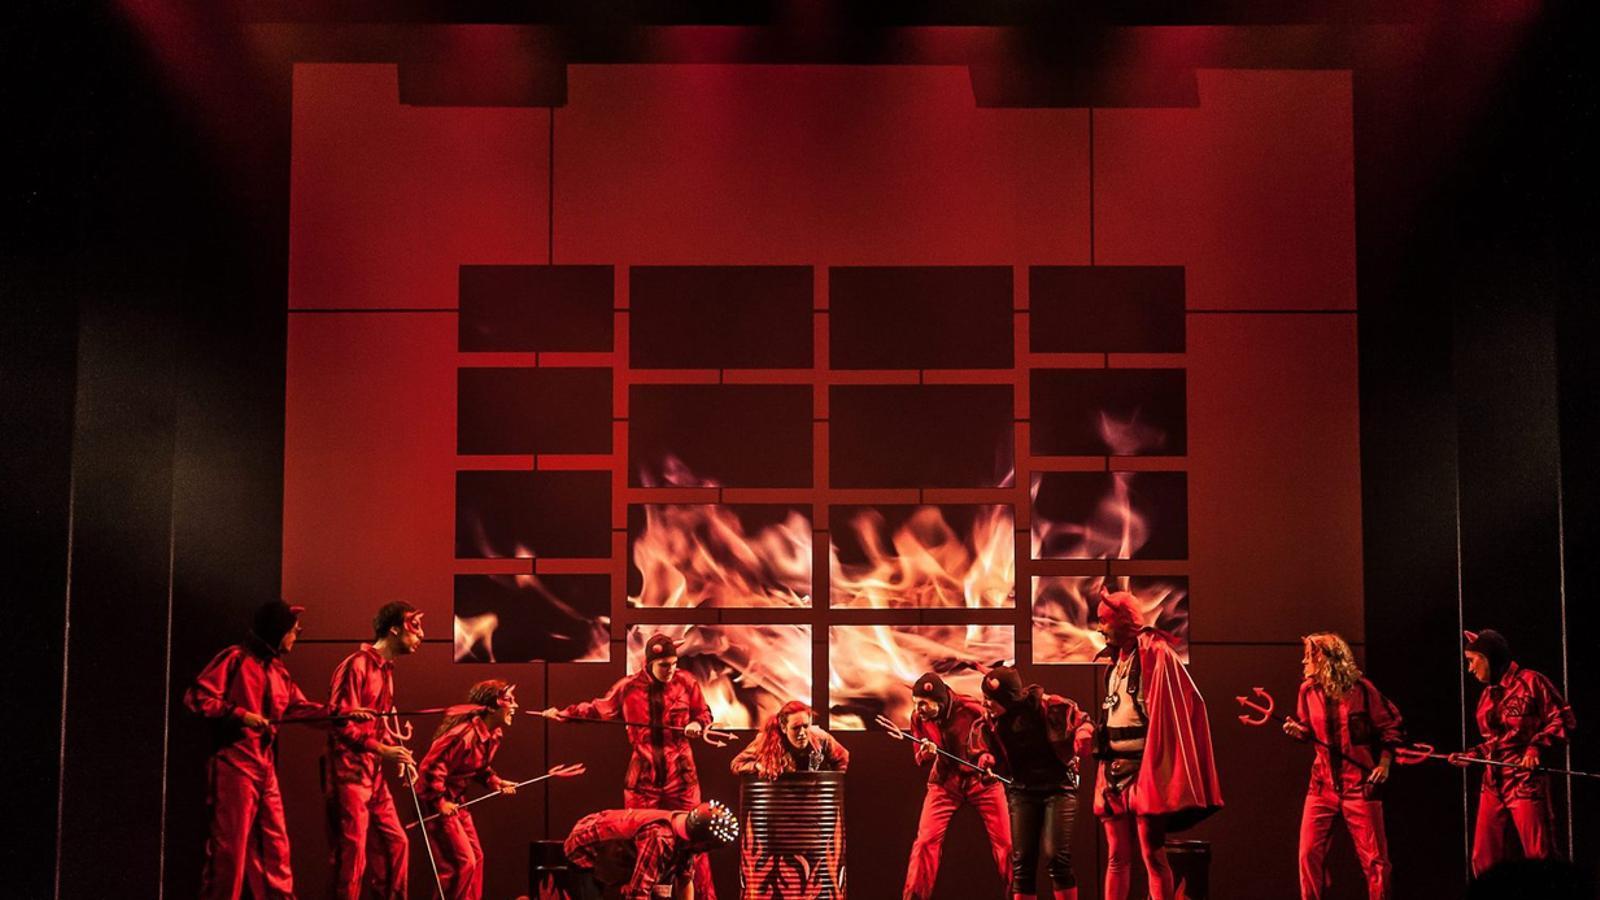 UNA HISTÒRIA I MIL VERSIONS  Paco Mir ha creat i dirigit Els Pastorets. La hibernació de l'infern, una versió amb alumnes d'Eòlia i del Taller de Músics que es representa al  Poliorama.